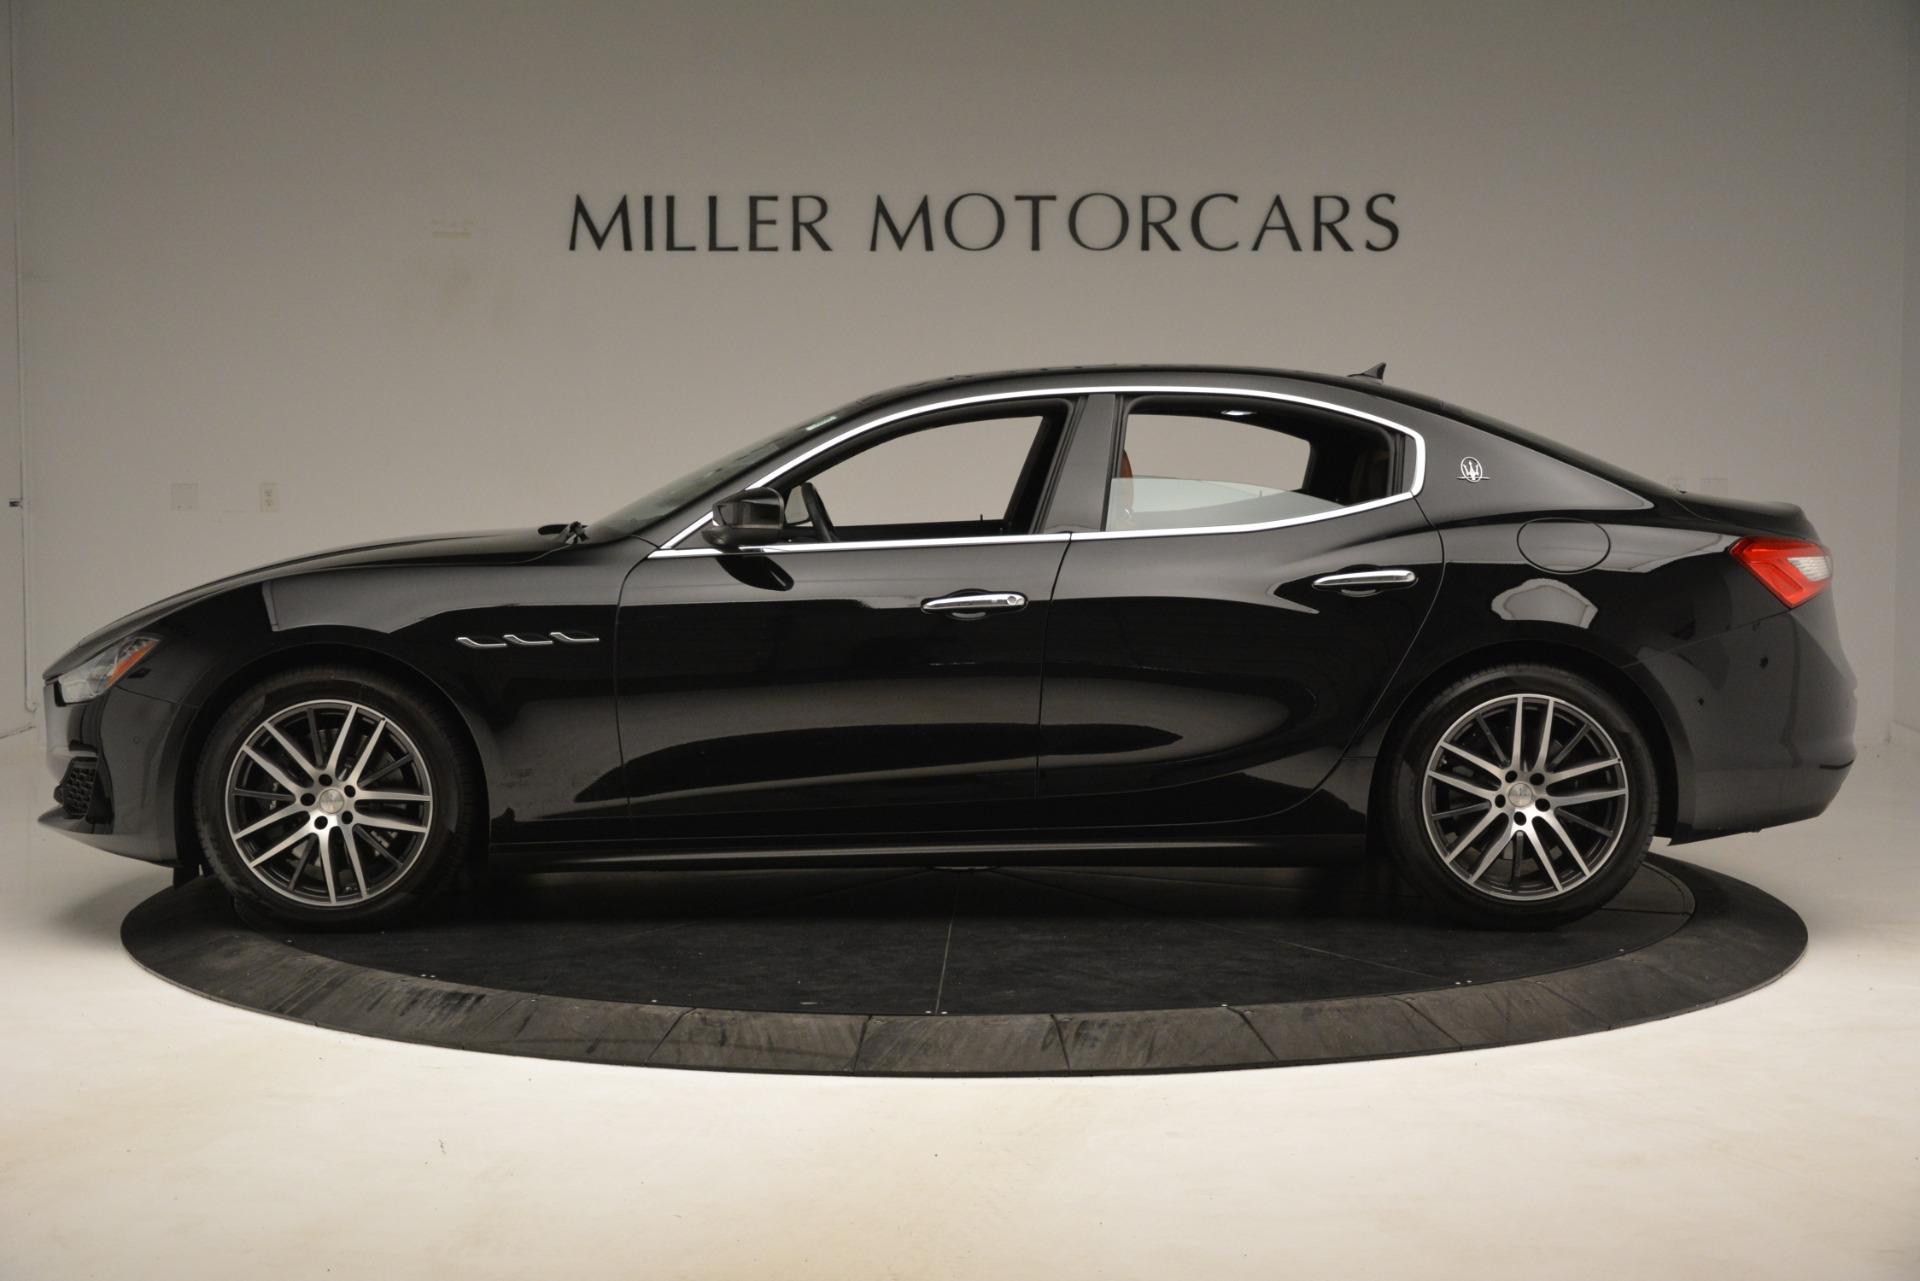 New 2019 Maserati Ghibli S Q4 For Sale In Greenwich, CT 2793_p3